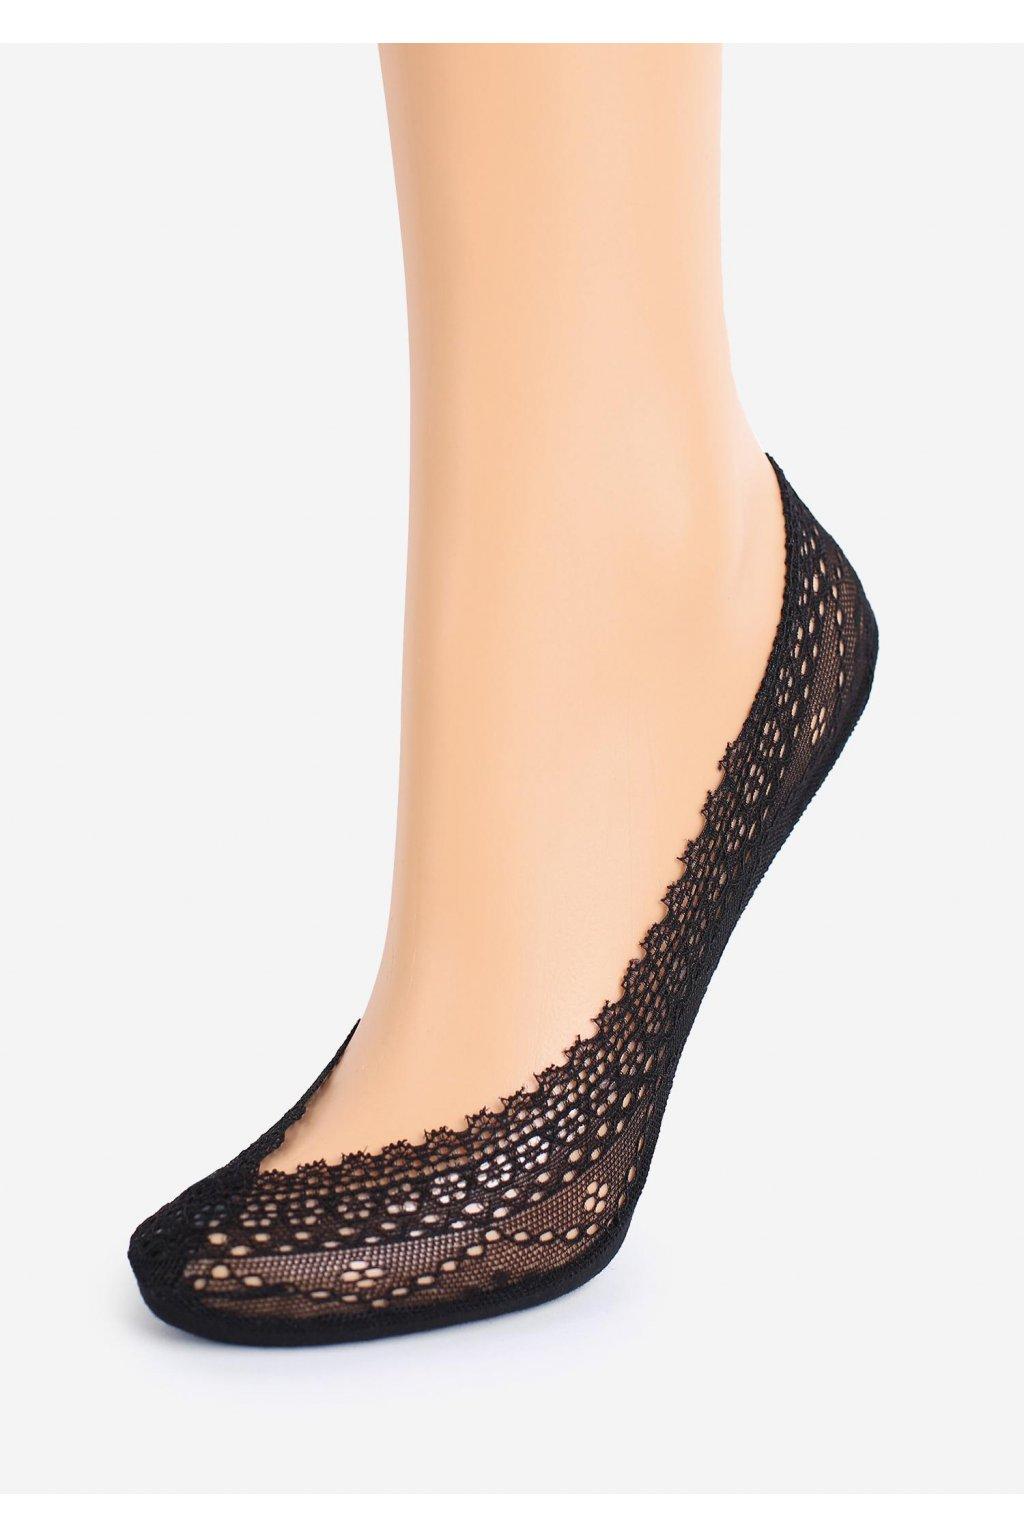 koronkowe stopki damskie z silikonem lux line s20 10